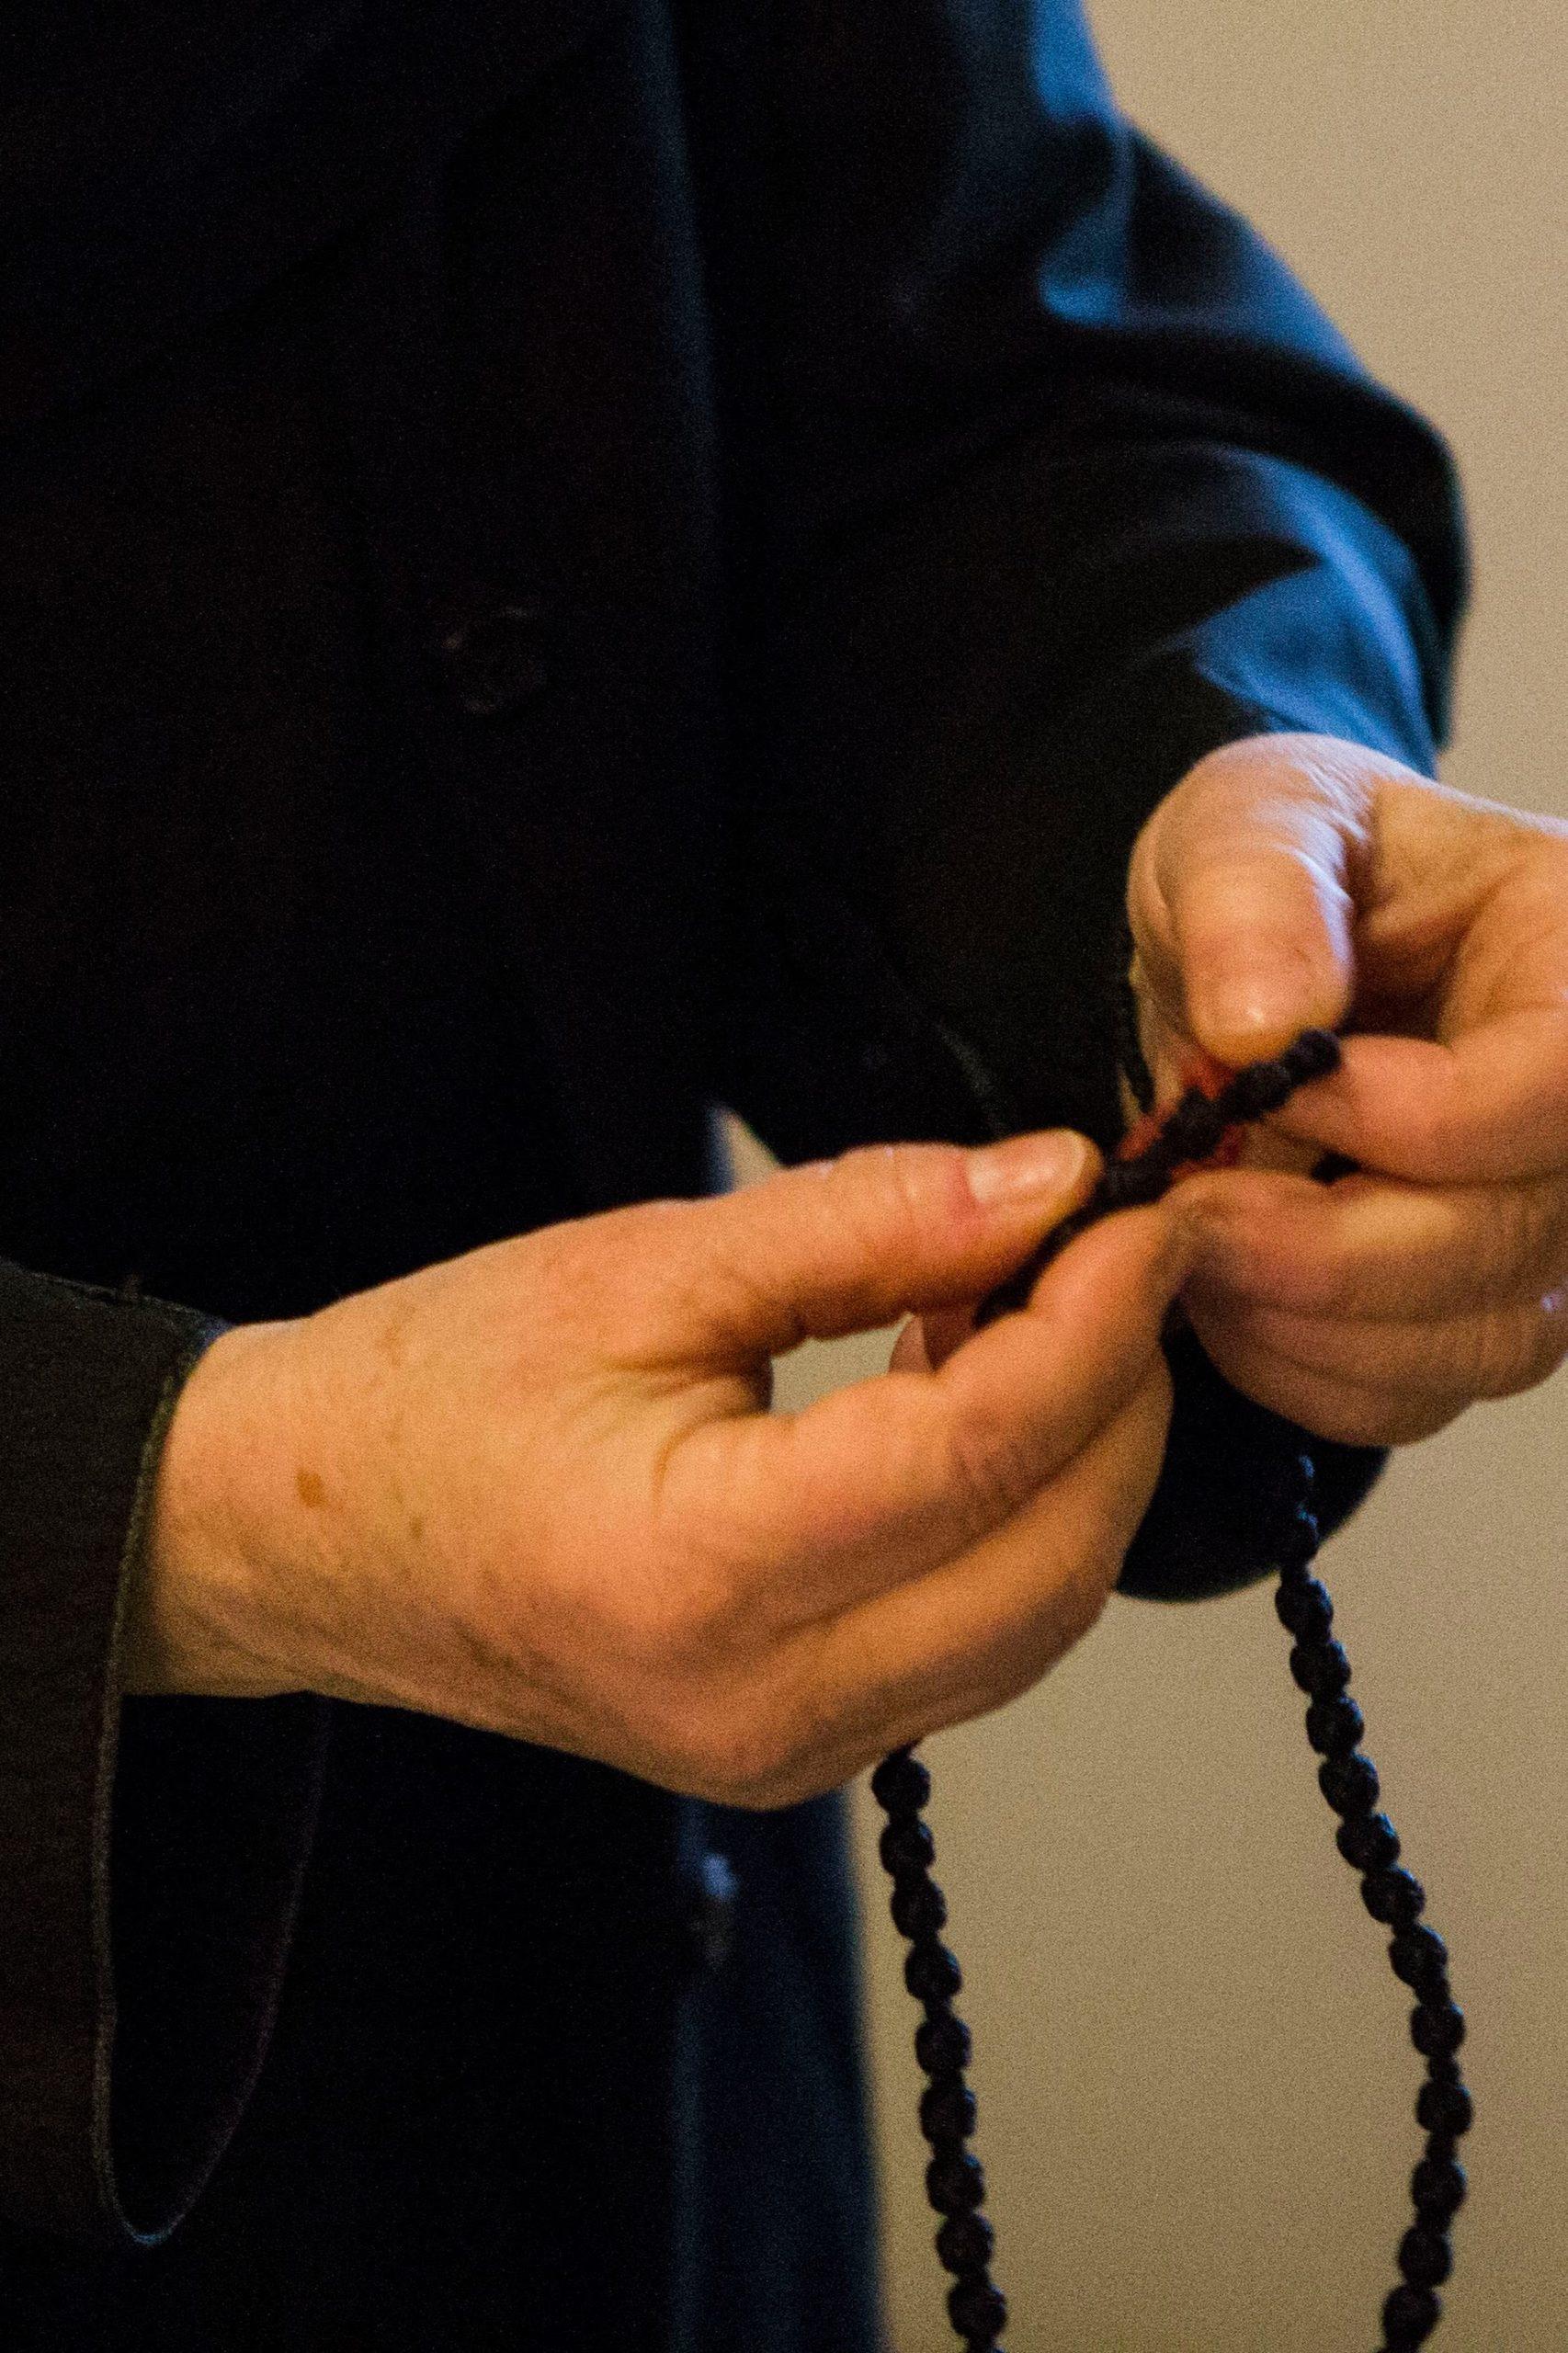 Reomäl nunnad palvetavad pidevalt, sõrmitsedes samal ajal isiklissu sõlmnööri